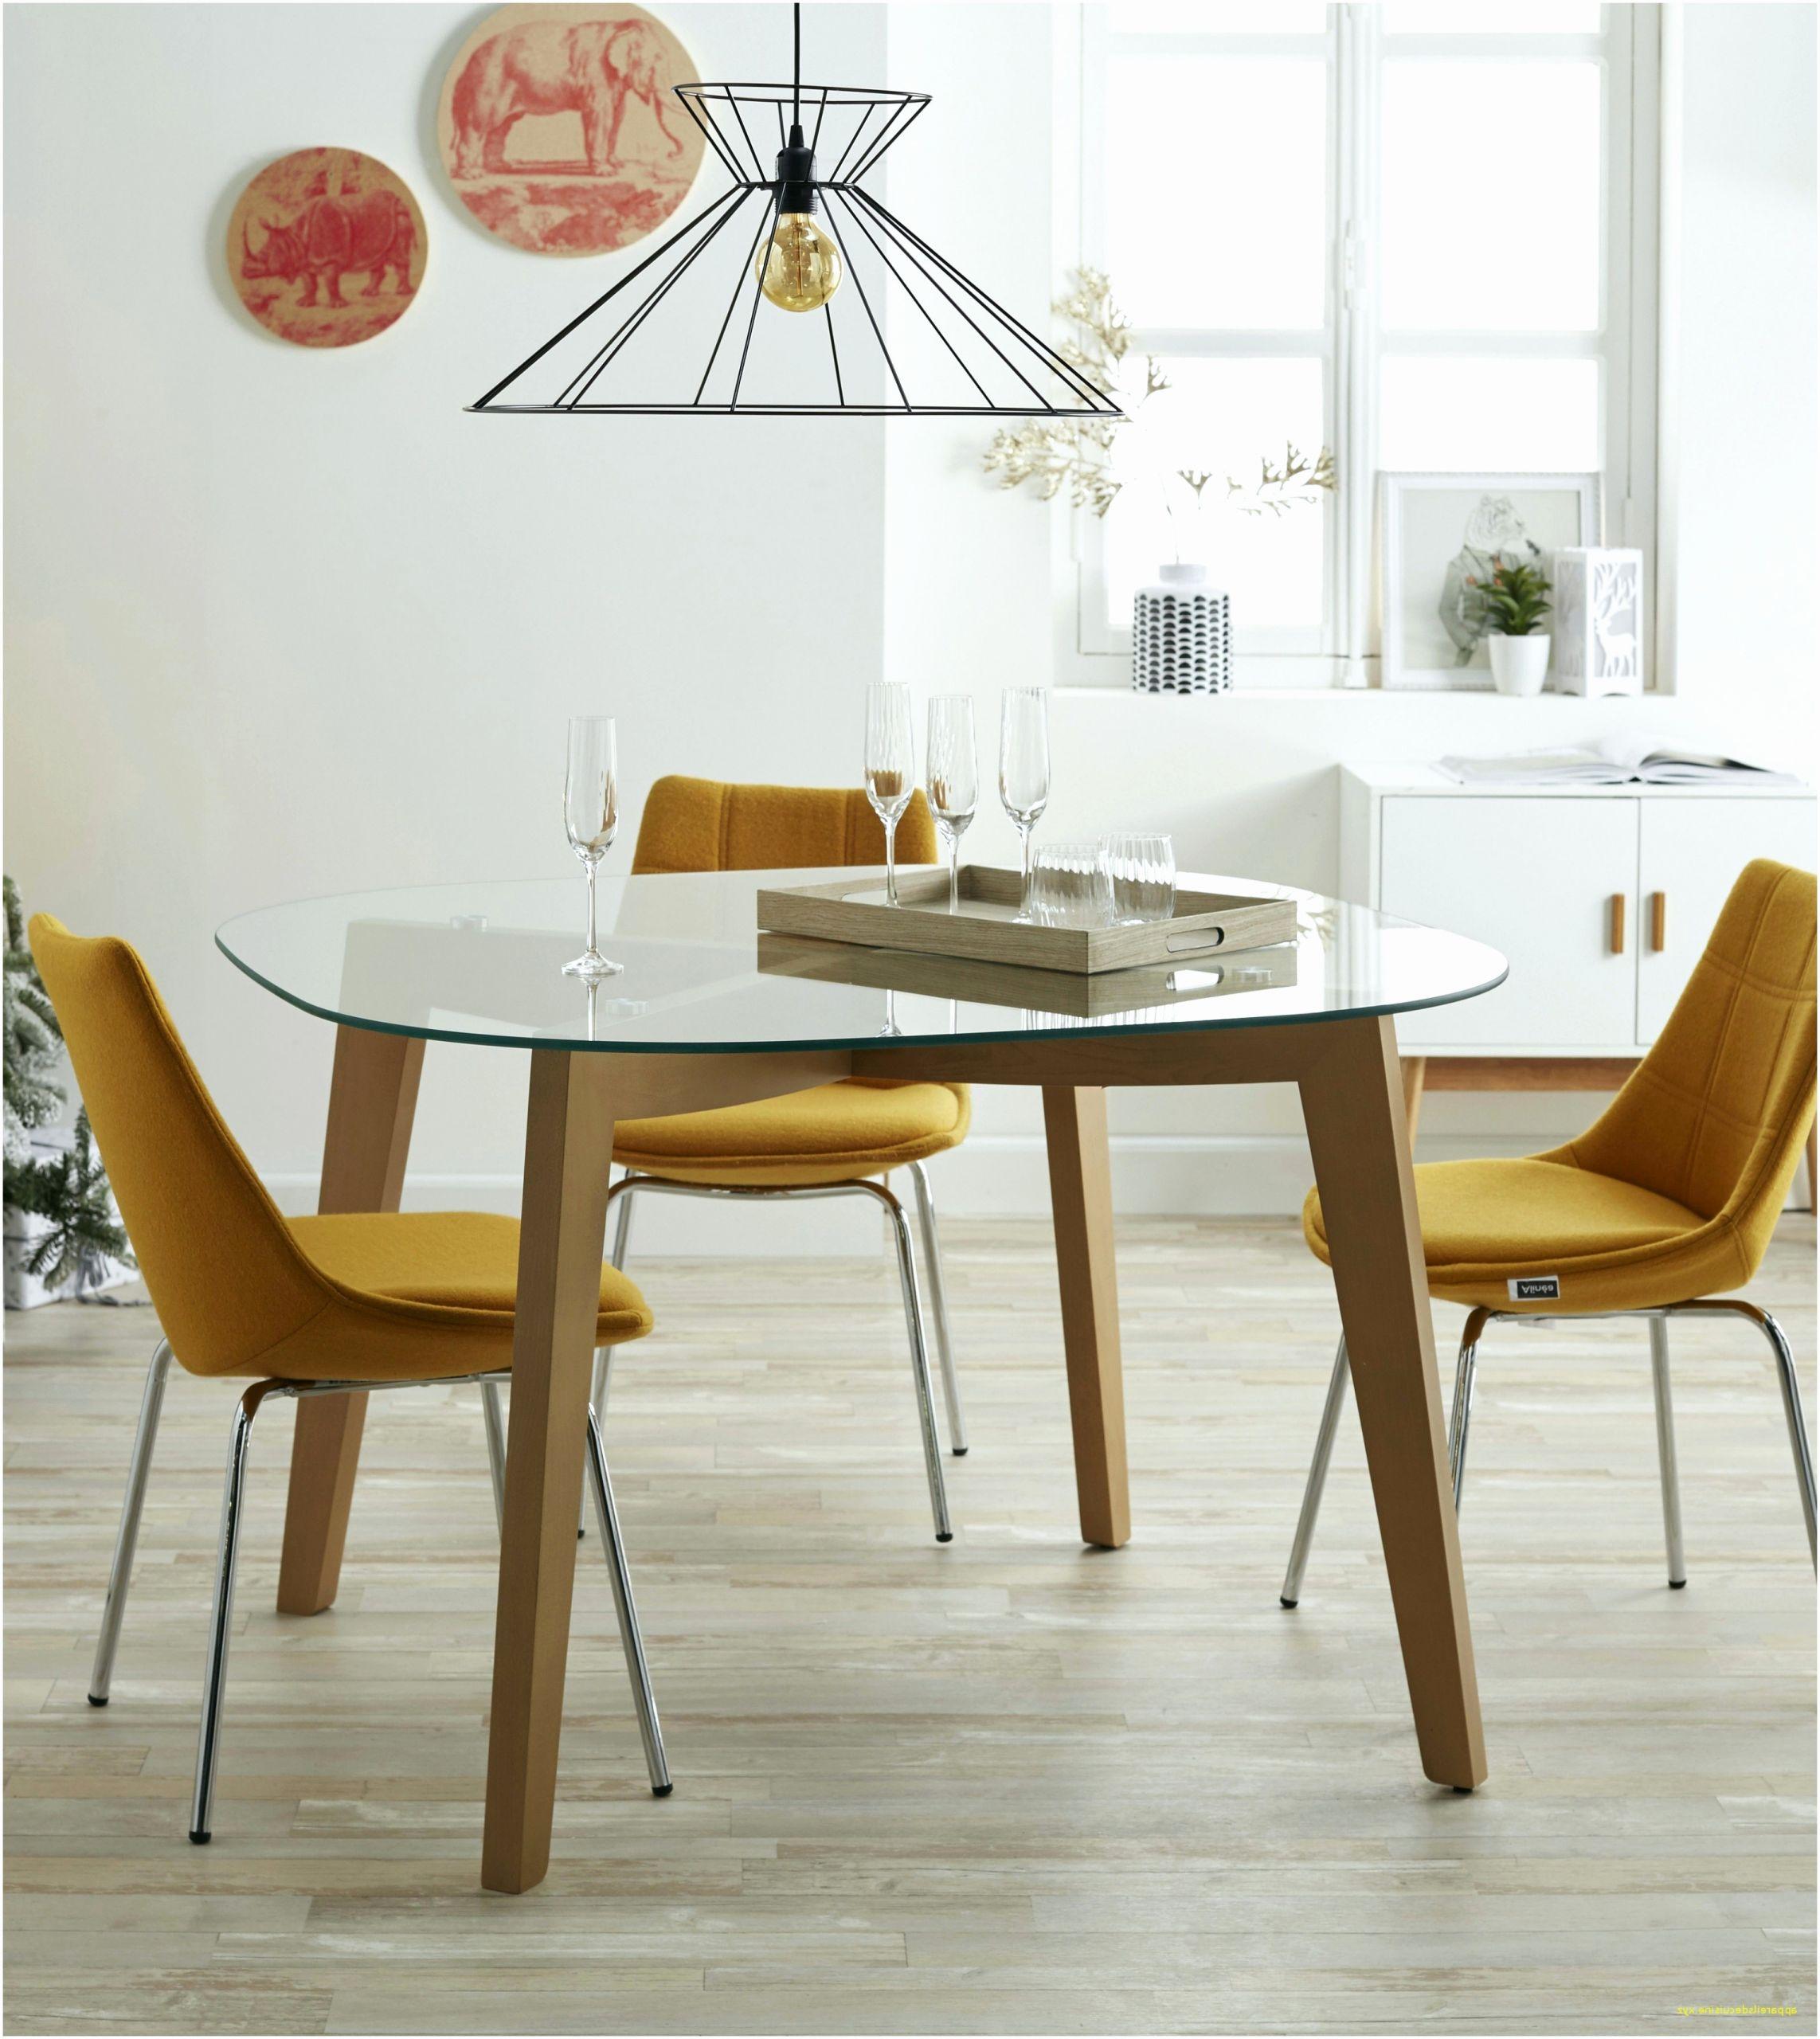 chaise de jardin en metal frais chaise de jardin en metal laguerredesmots of chaise de jardin en metal